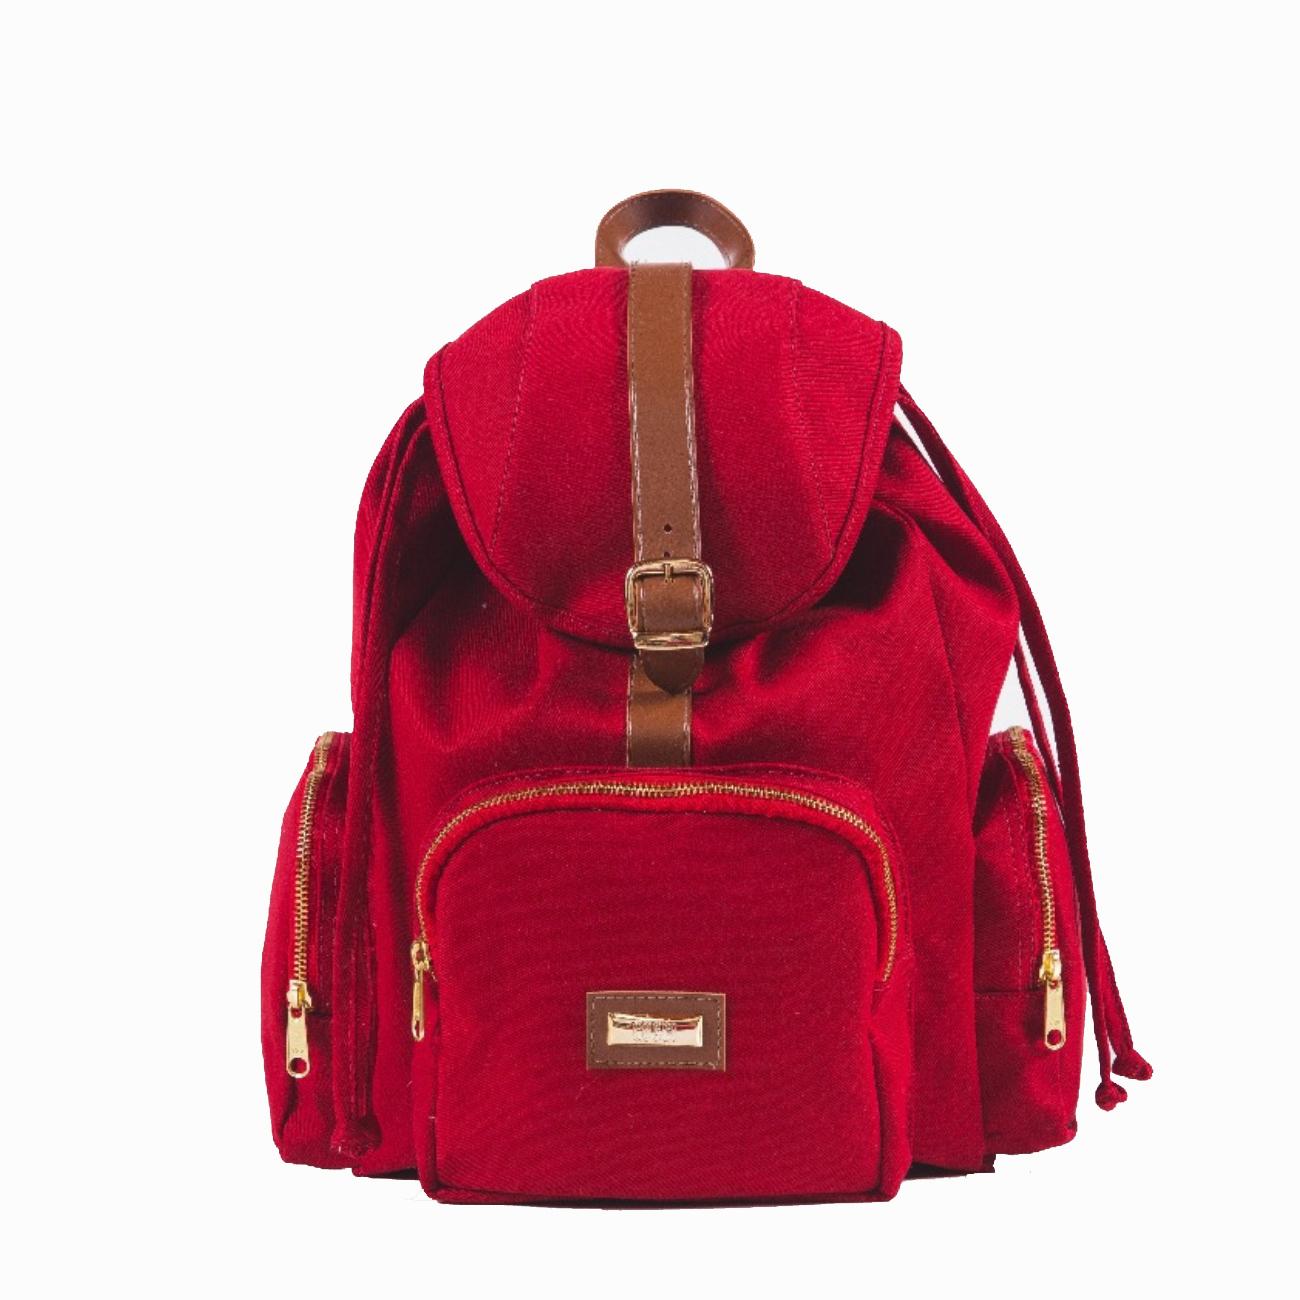 mochilinha vermelha